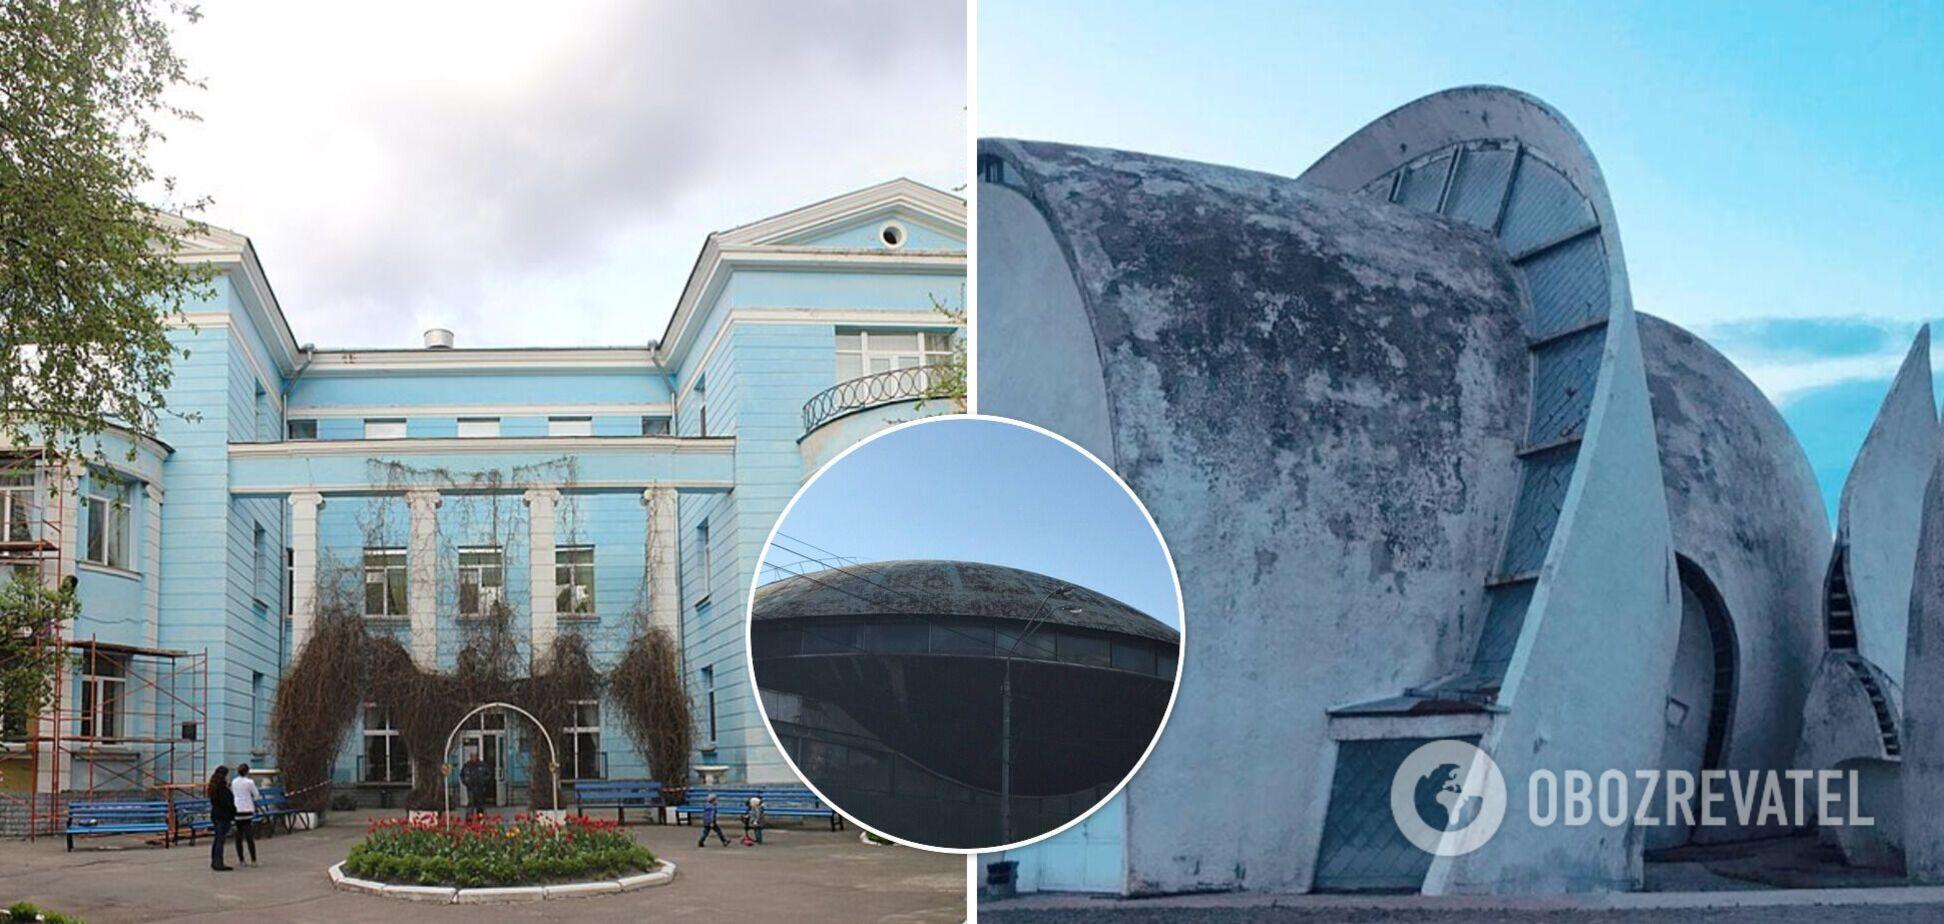 Палаци, 'брутальний офіс' смерті і Космос: радянські будівлі Києва, про які знає весь світ. Фото